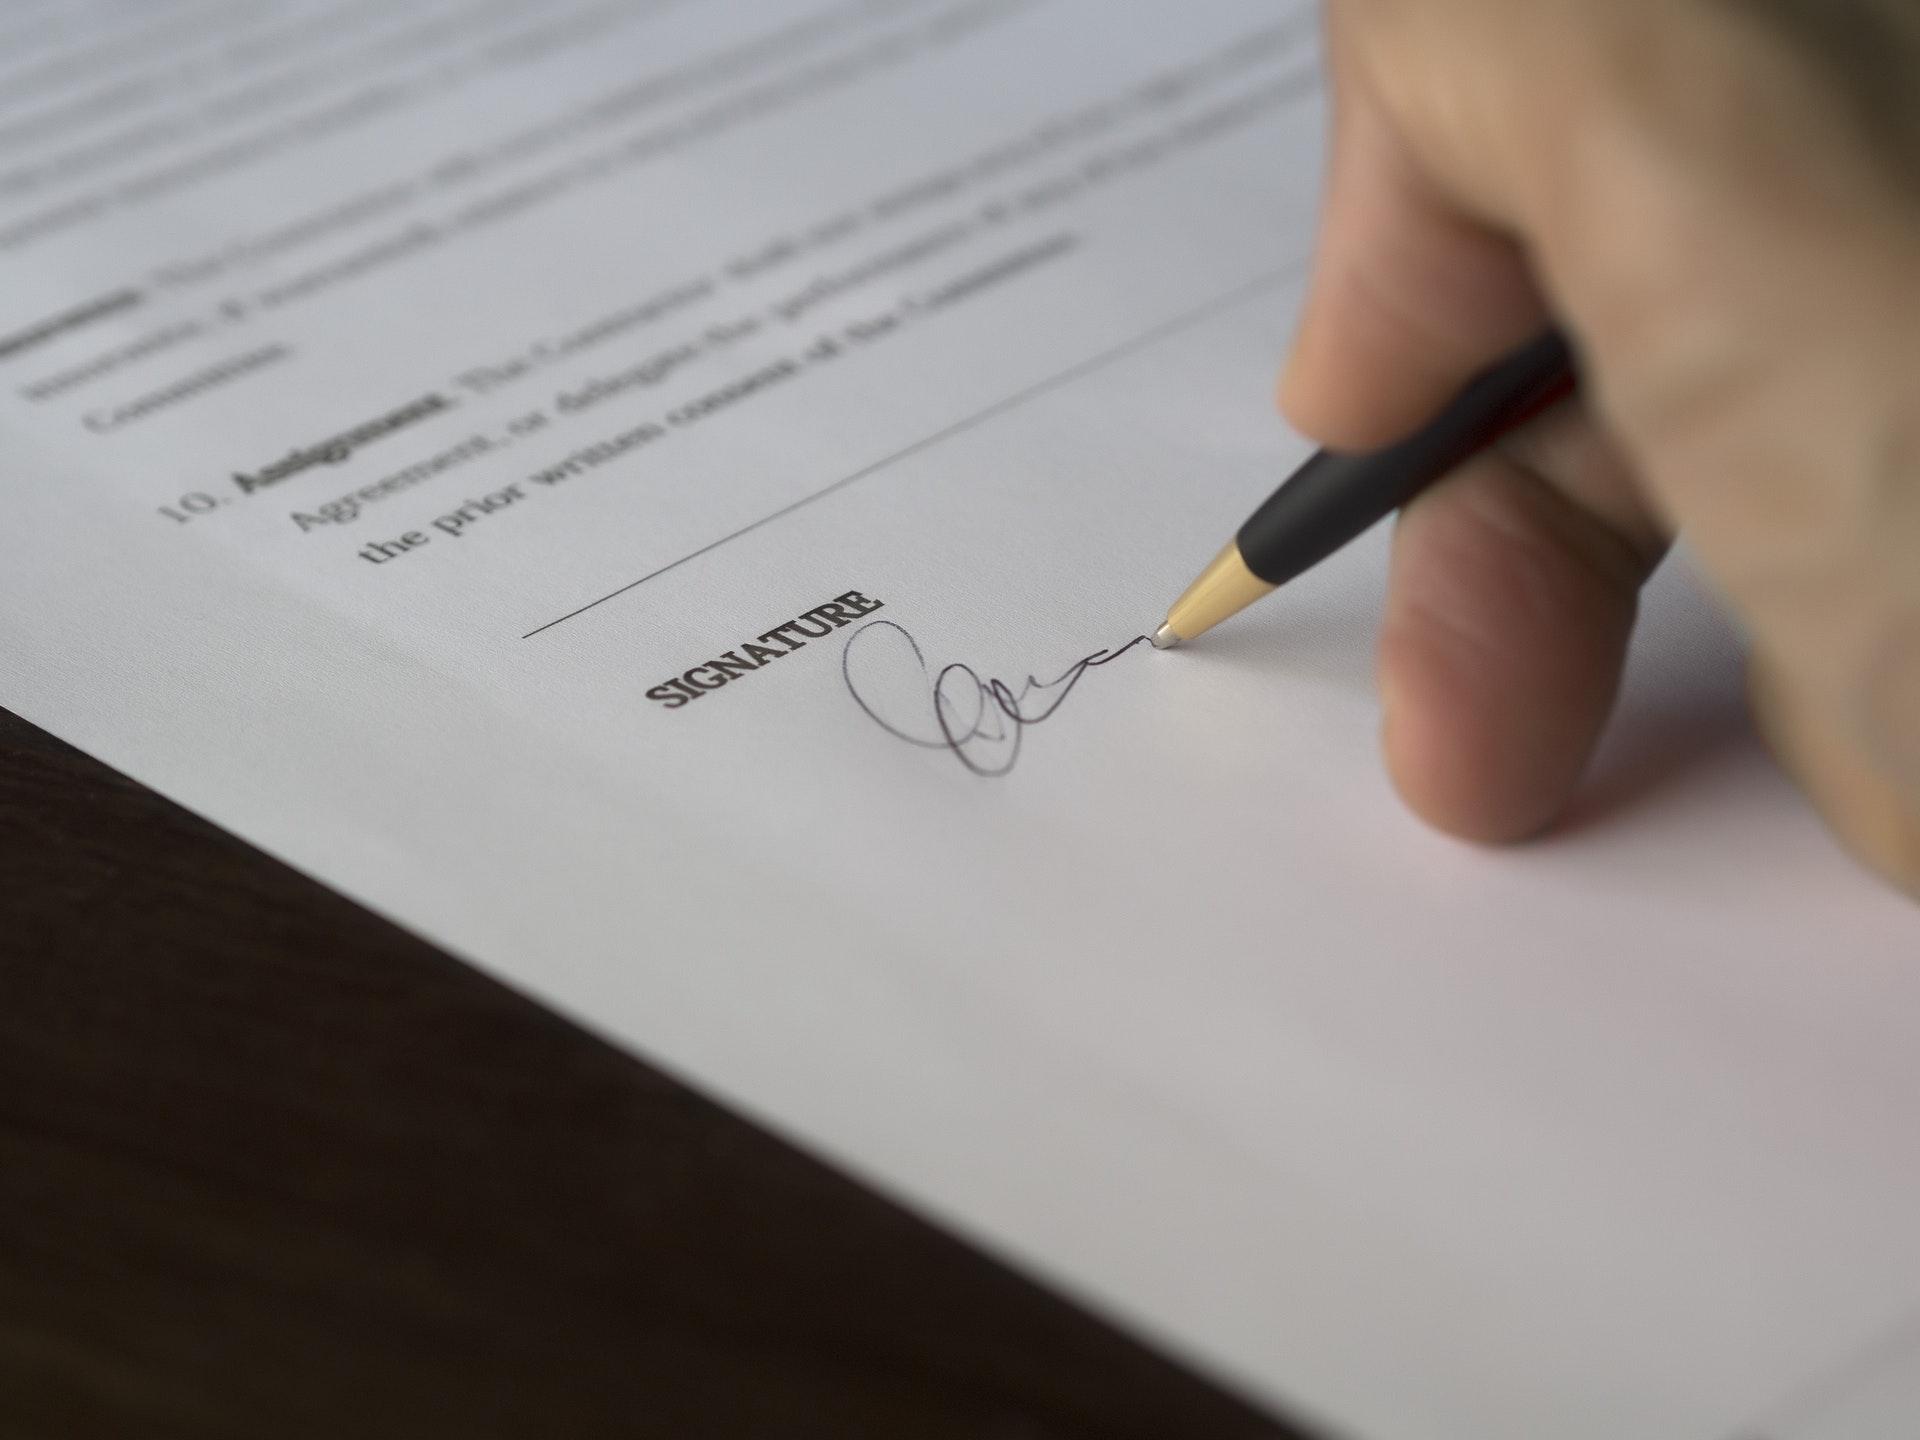 společenská smlouva